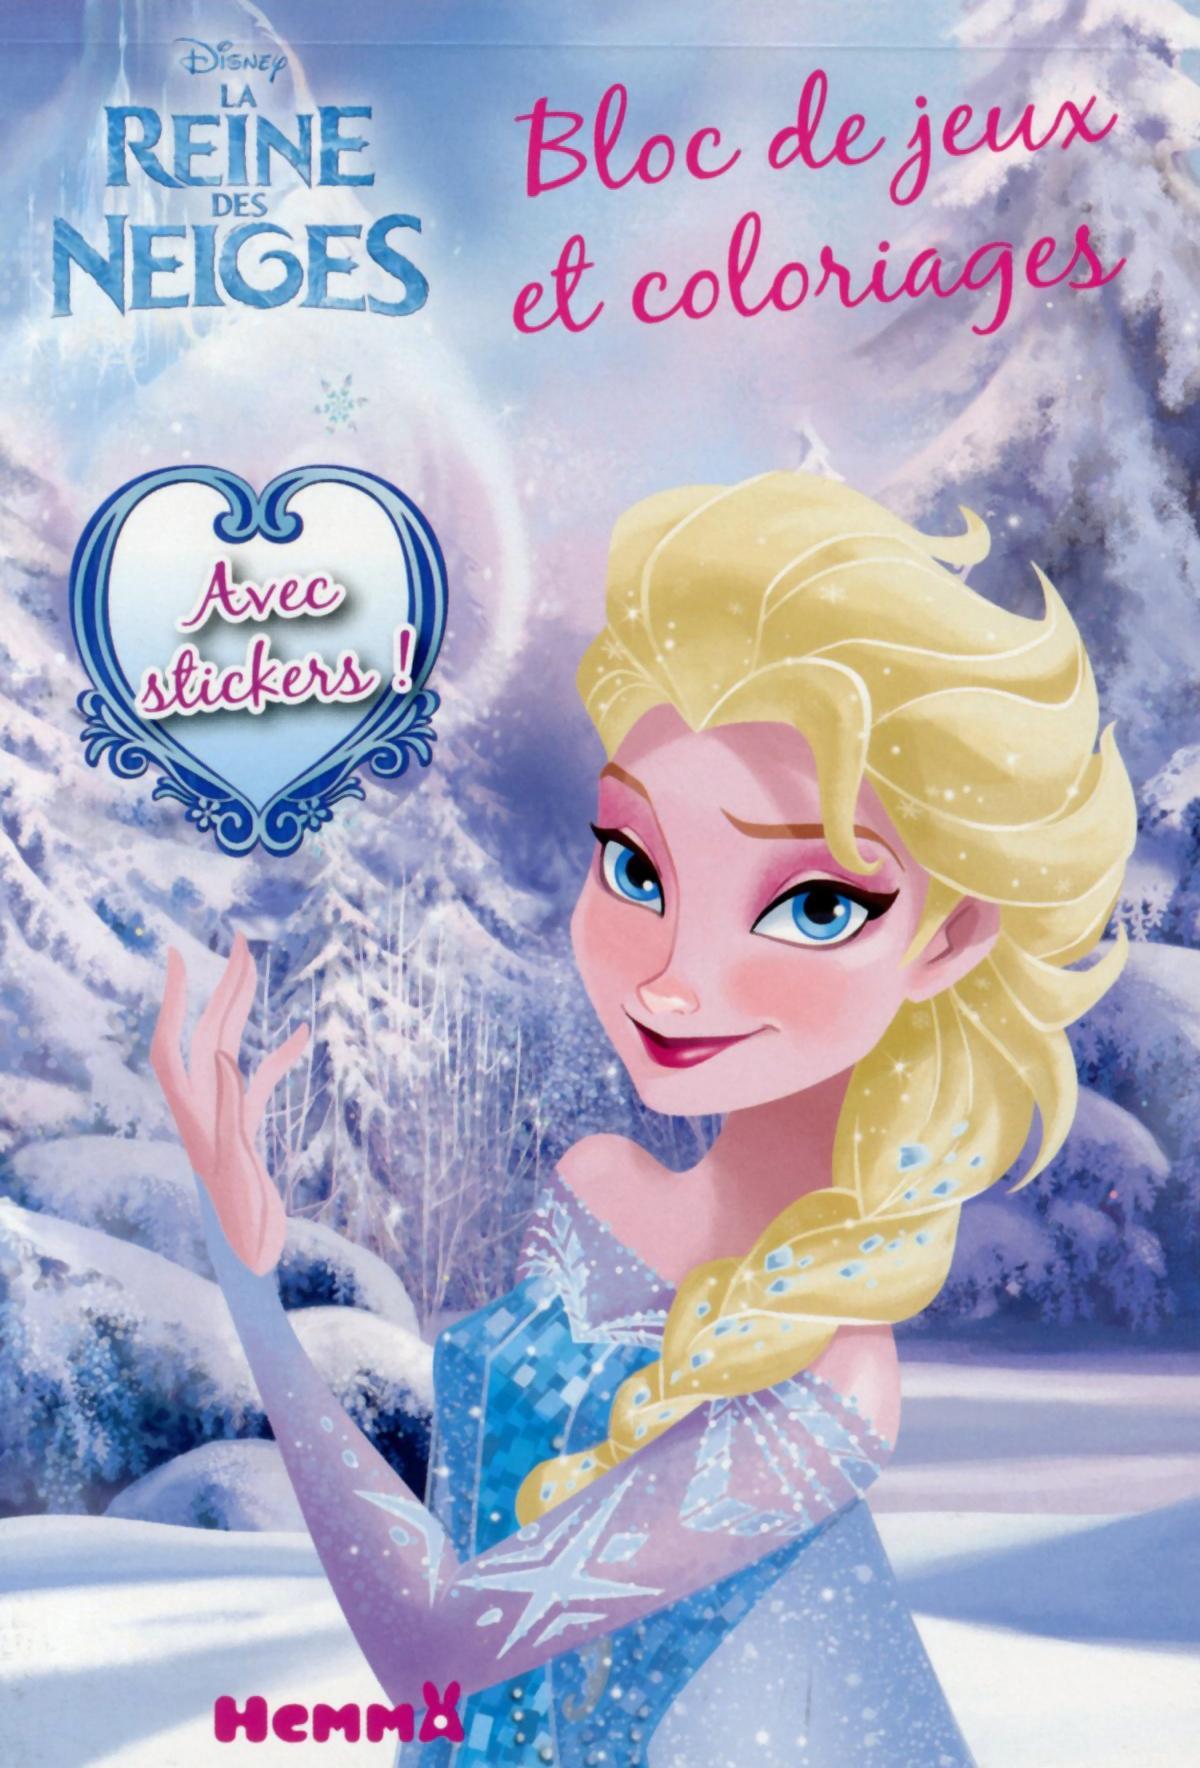 Livre disney la reine des neiges bloc de jeux et coloriages avec stickers collectif - Jeux reine des neige en ligne ...